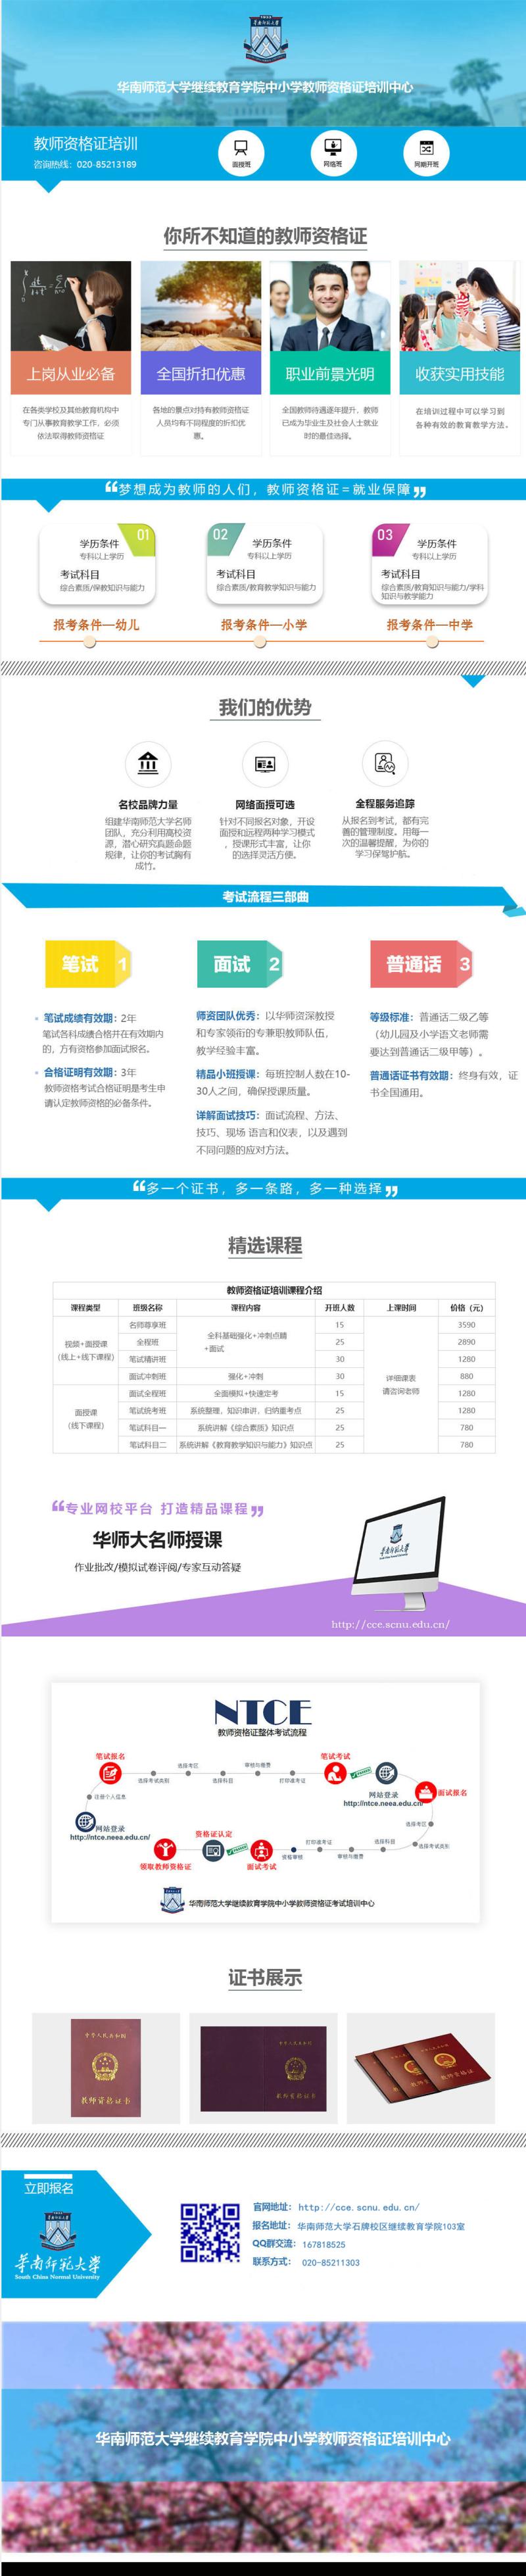 教师资格证页面_副本.jpg